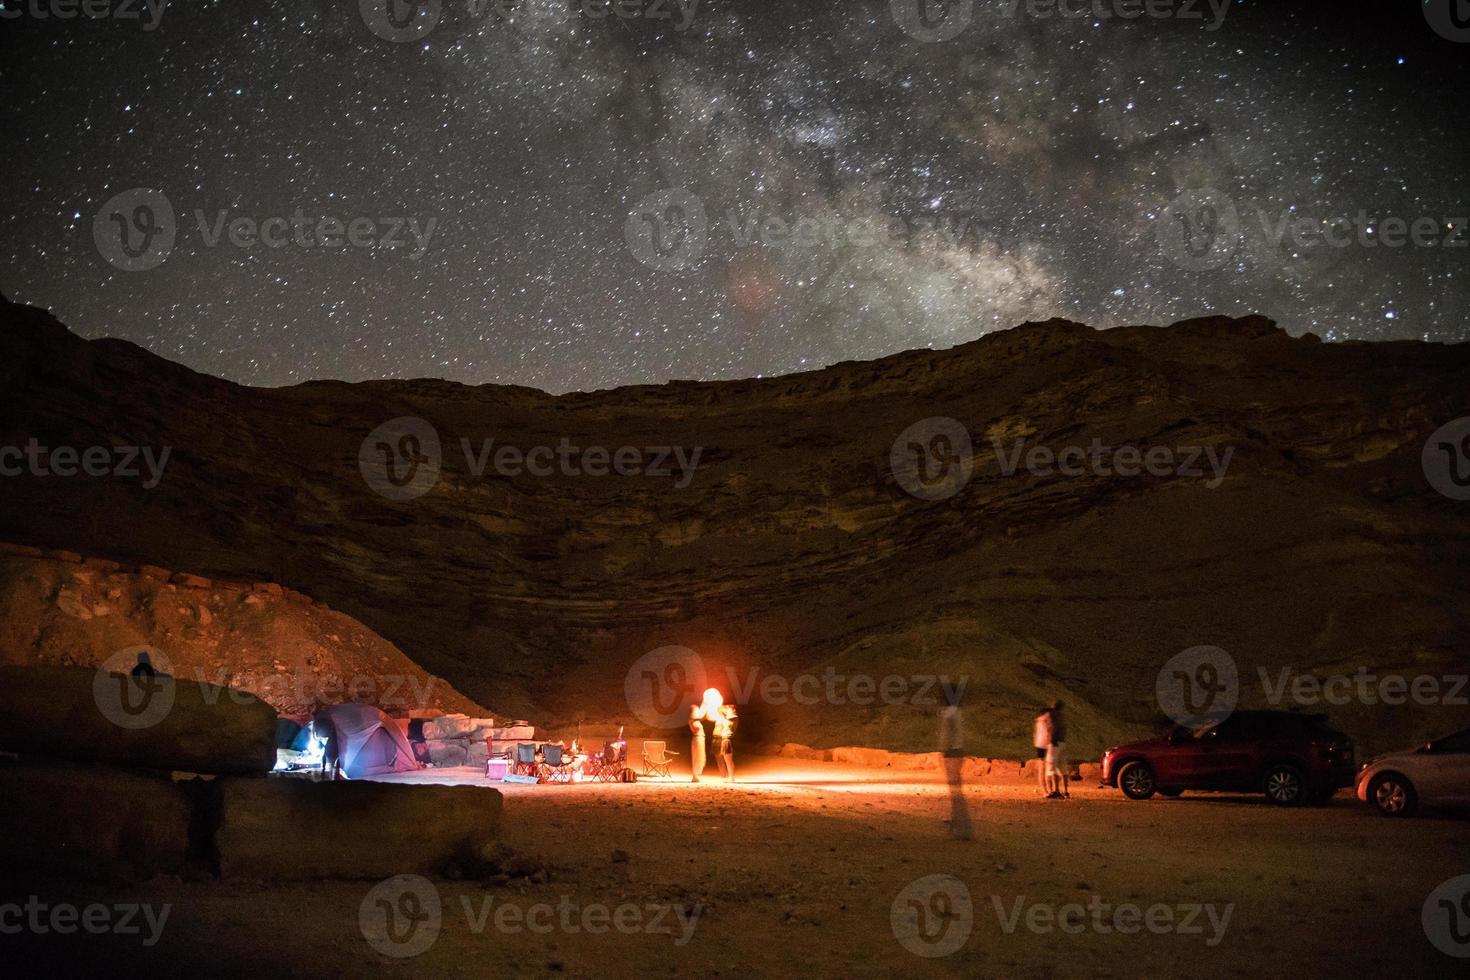 nacht kamperen onder de sterren foto